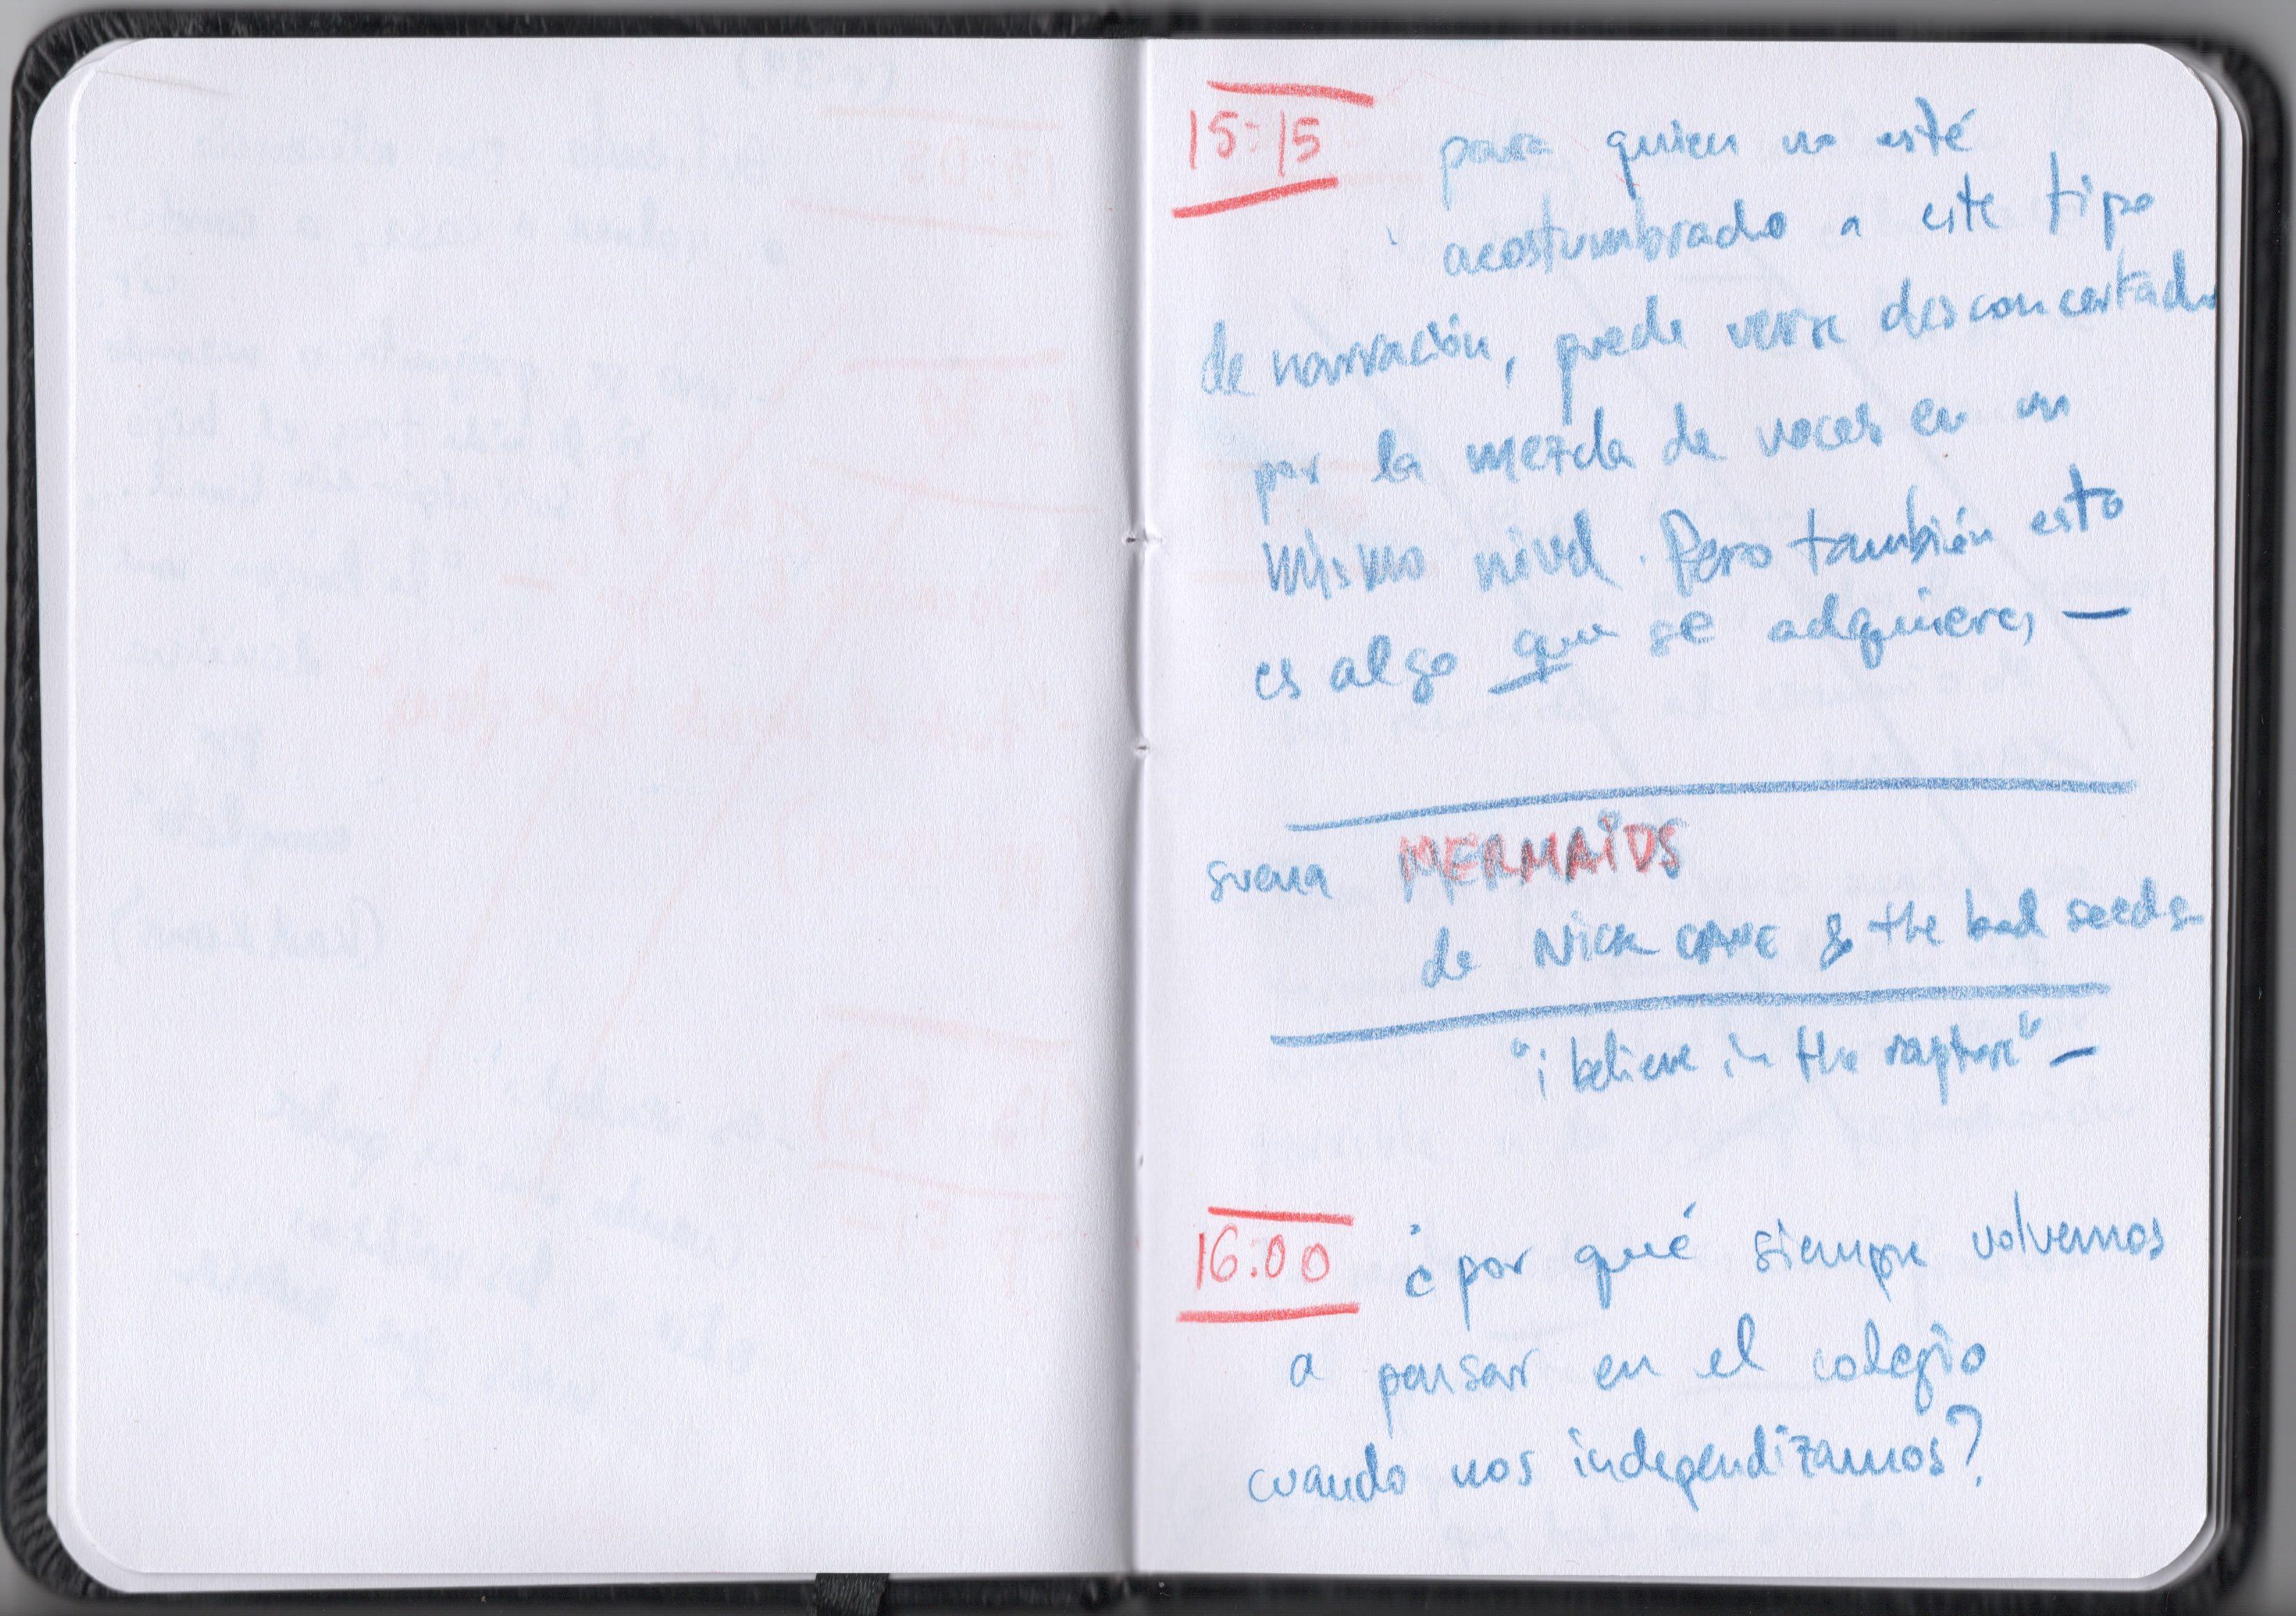 Reseña Precoz 6 - Viaje a Ítaca